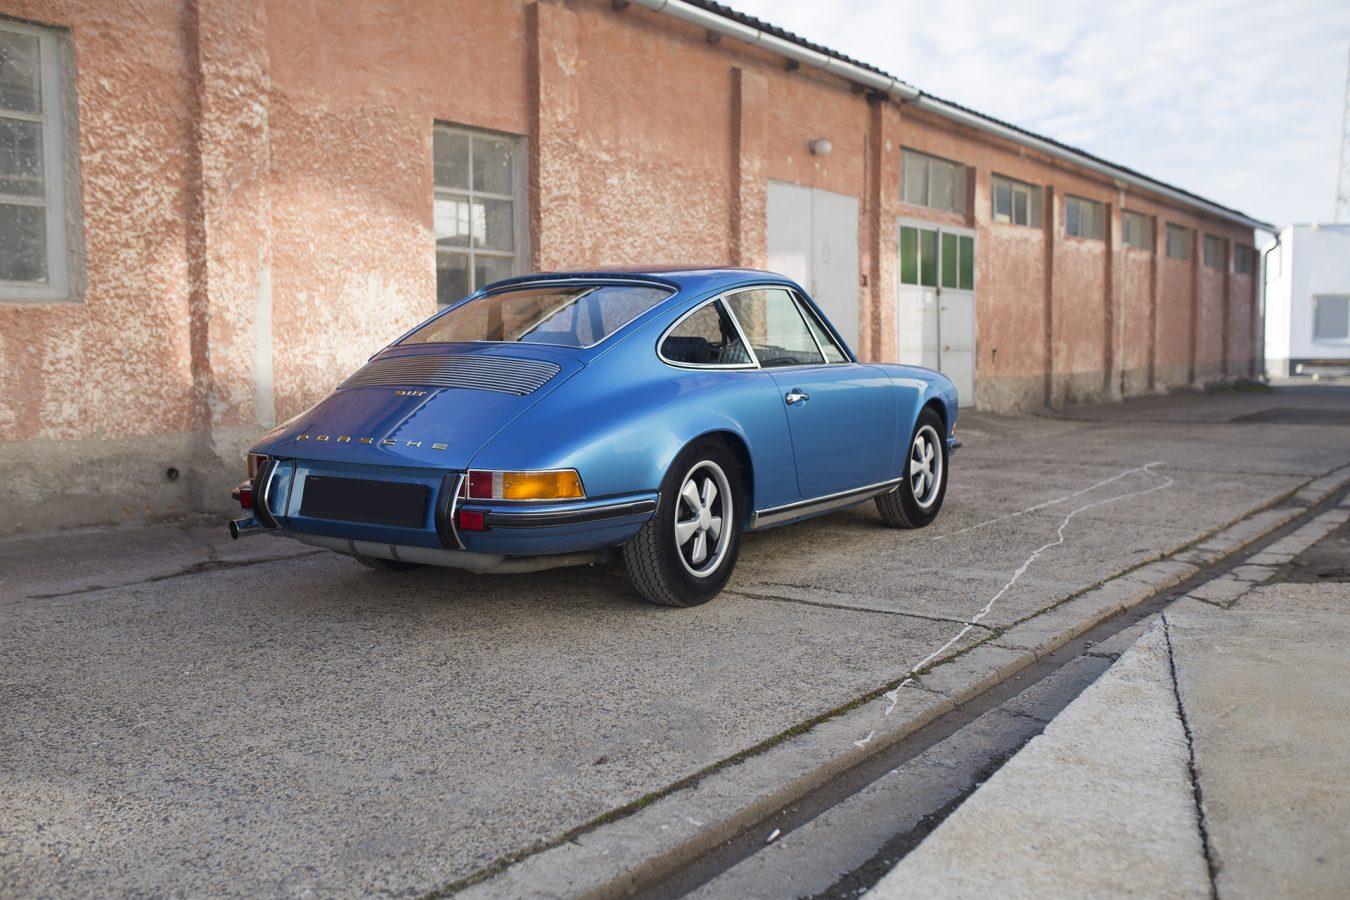 Hellblauer Porsche 911T in der Einfahrt